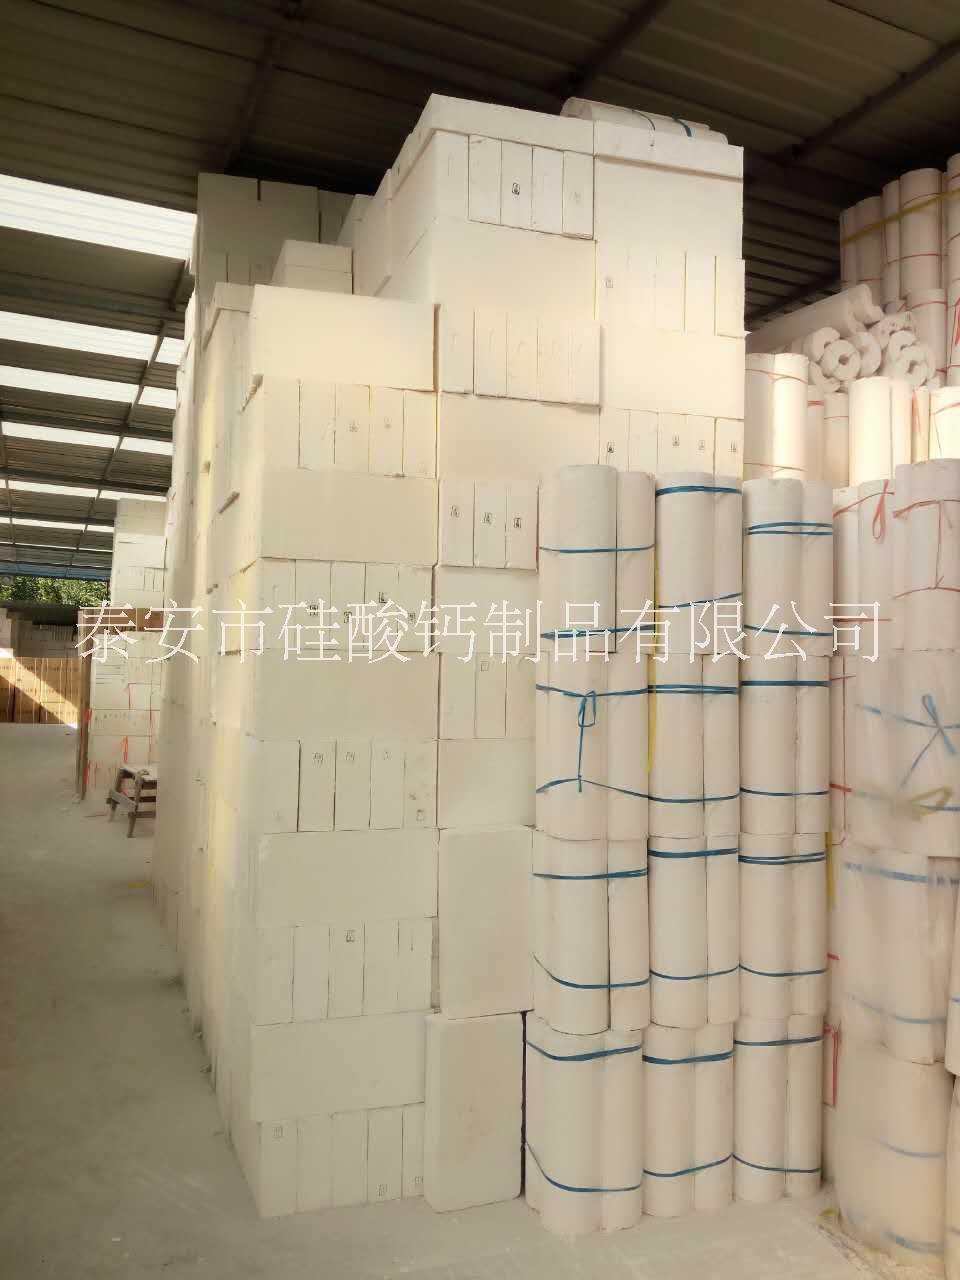 供应泰安硅酸钙板批发市场,泰安硅酸钙板厂家,泰安硅酸钙板批发价